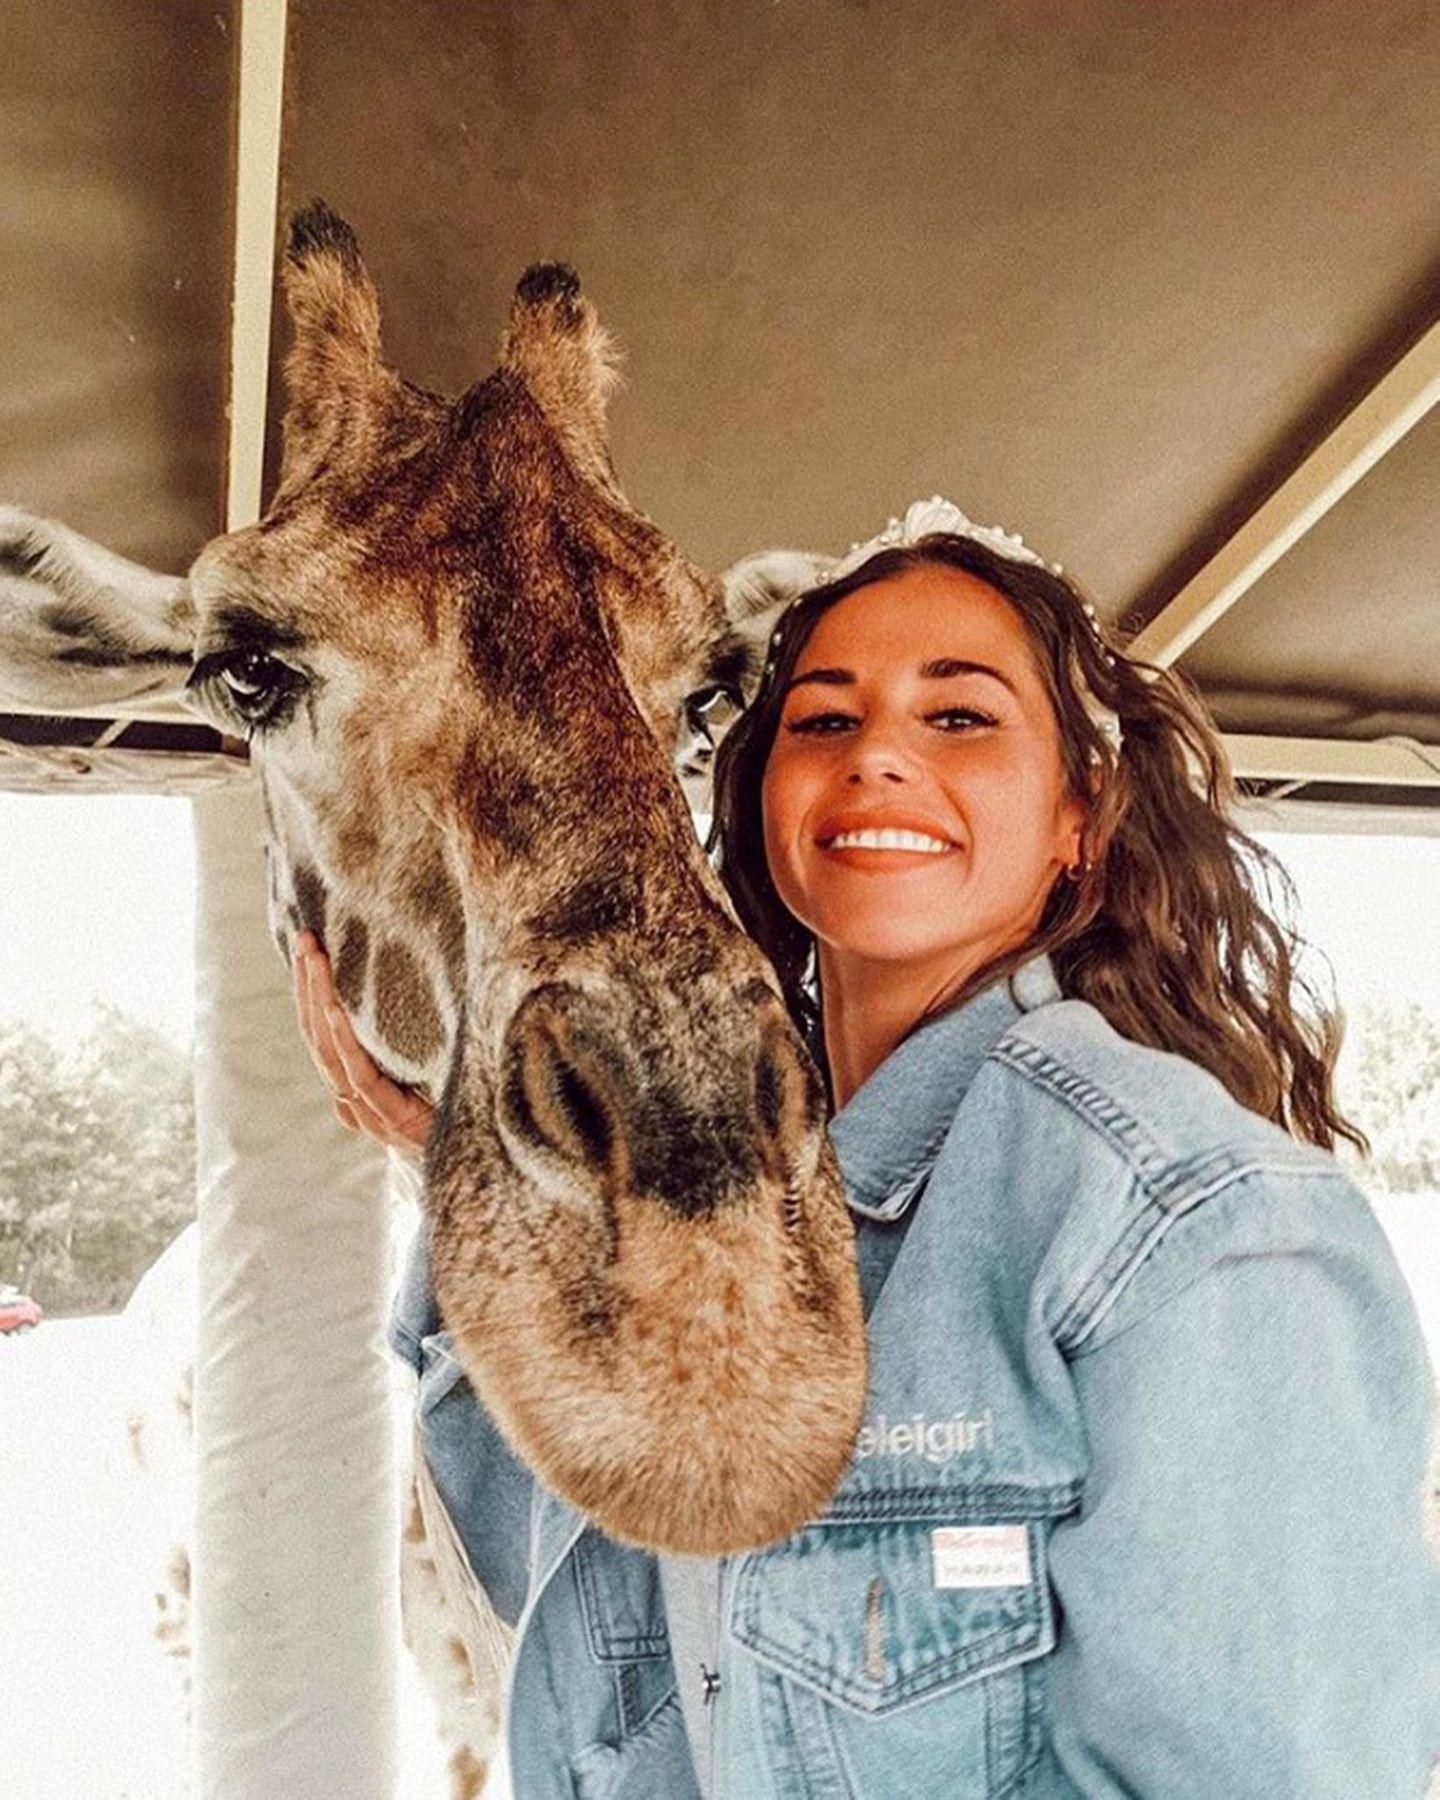 Sarah Lombardi ist mit Sohnemann Alessio an ihrem freien Tag auf Safari gegangen und amüsiert ihre Instagram-Fans mit diesem lustigen Giraffen-Selfie.